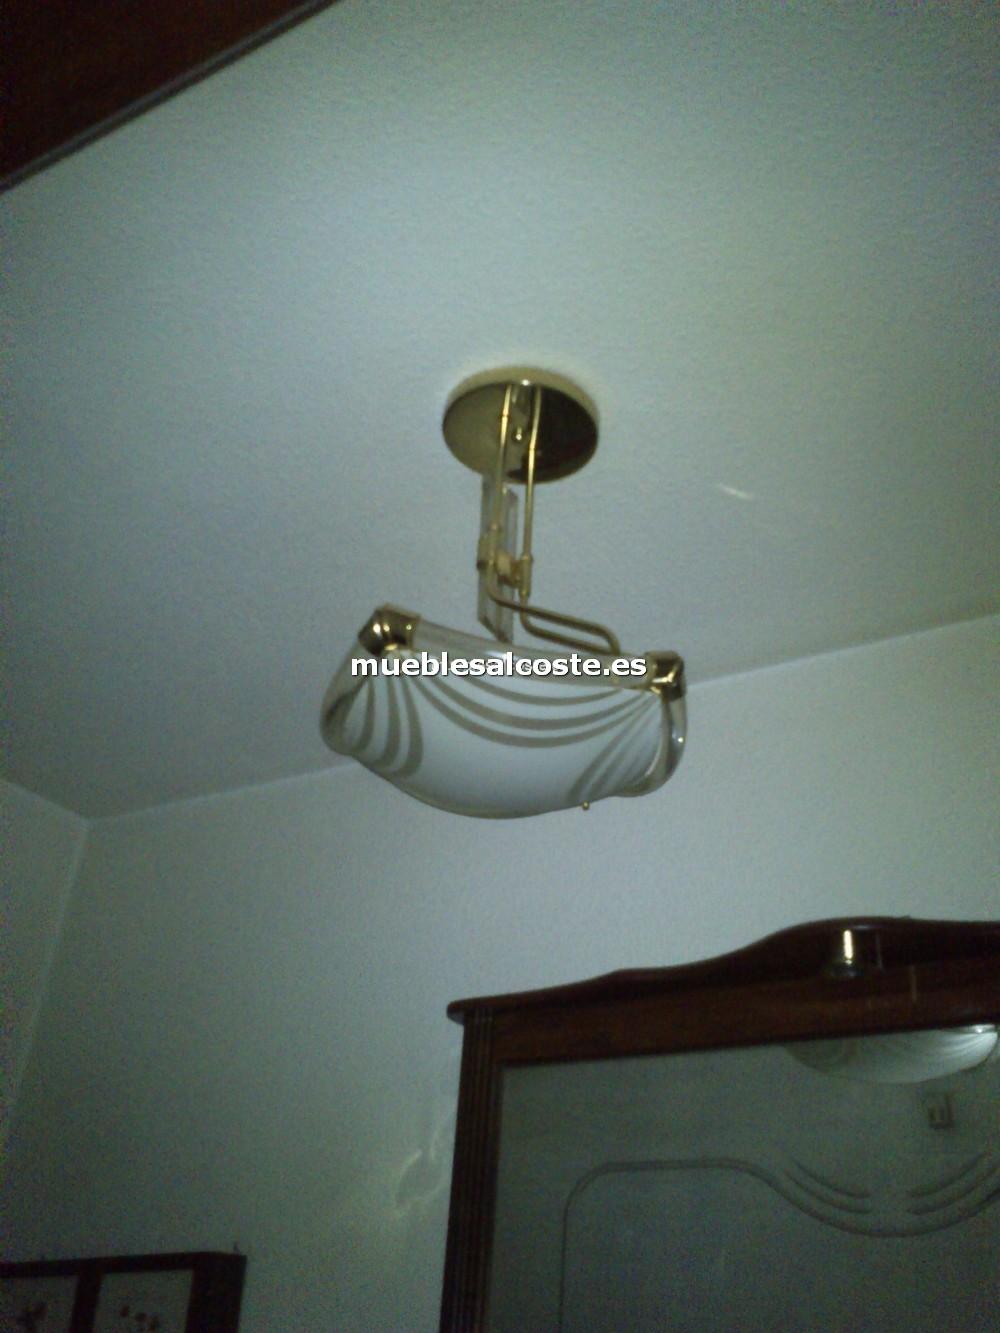 Lote lamparas para casa cod 11463 segunda mano for Lamparas segunda mano